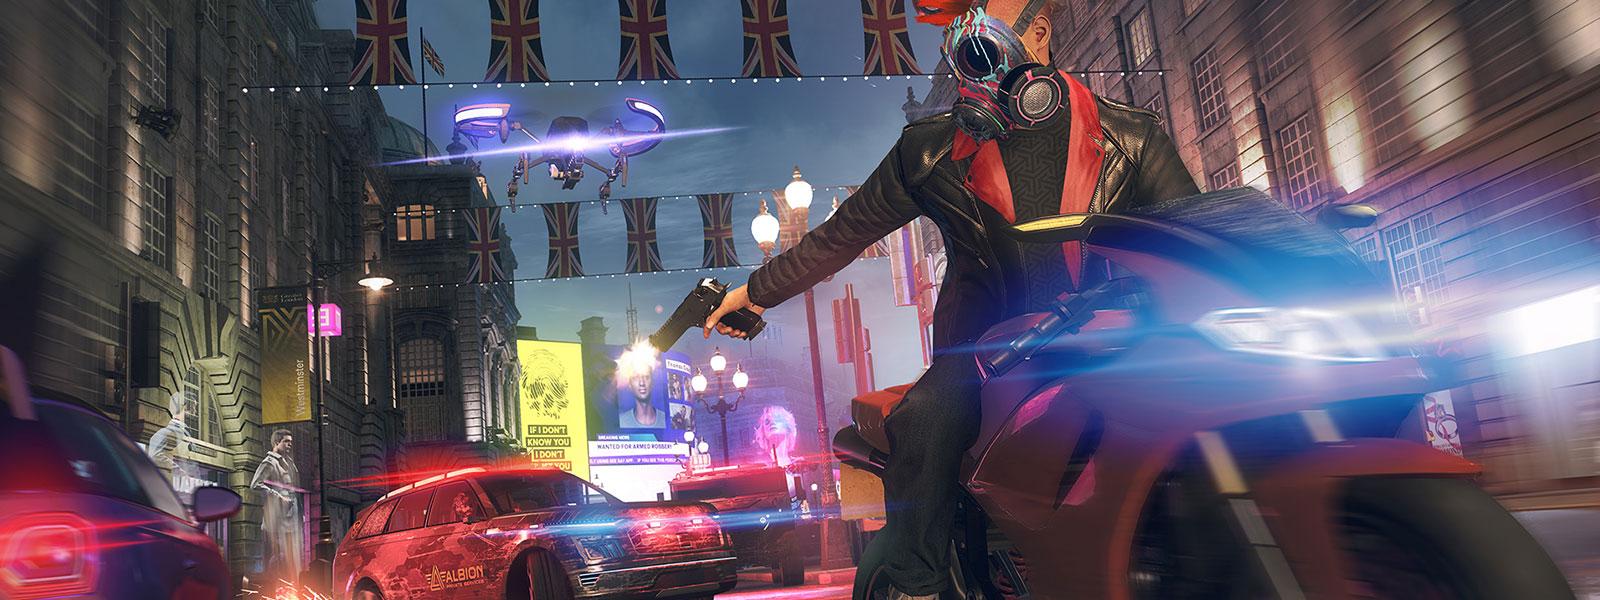 Pessoa em uma motocicleta com uma máscara de gás pintada atirando em uma viatura da polícia ao mesmo tempo que é perseguida por um drone em uma rua de Londres